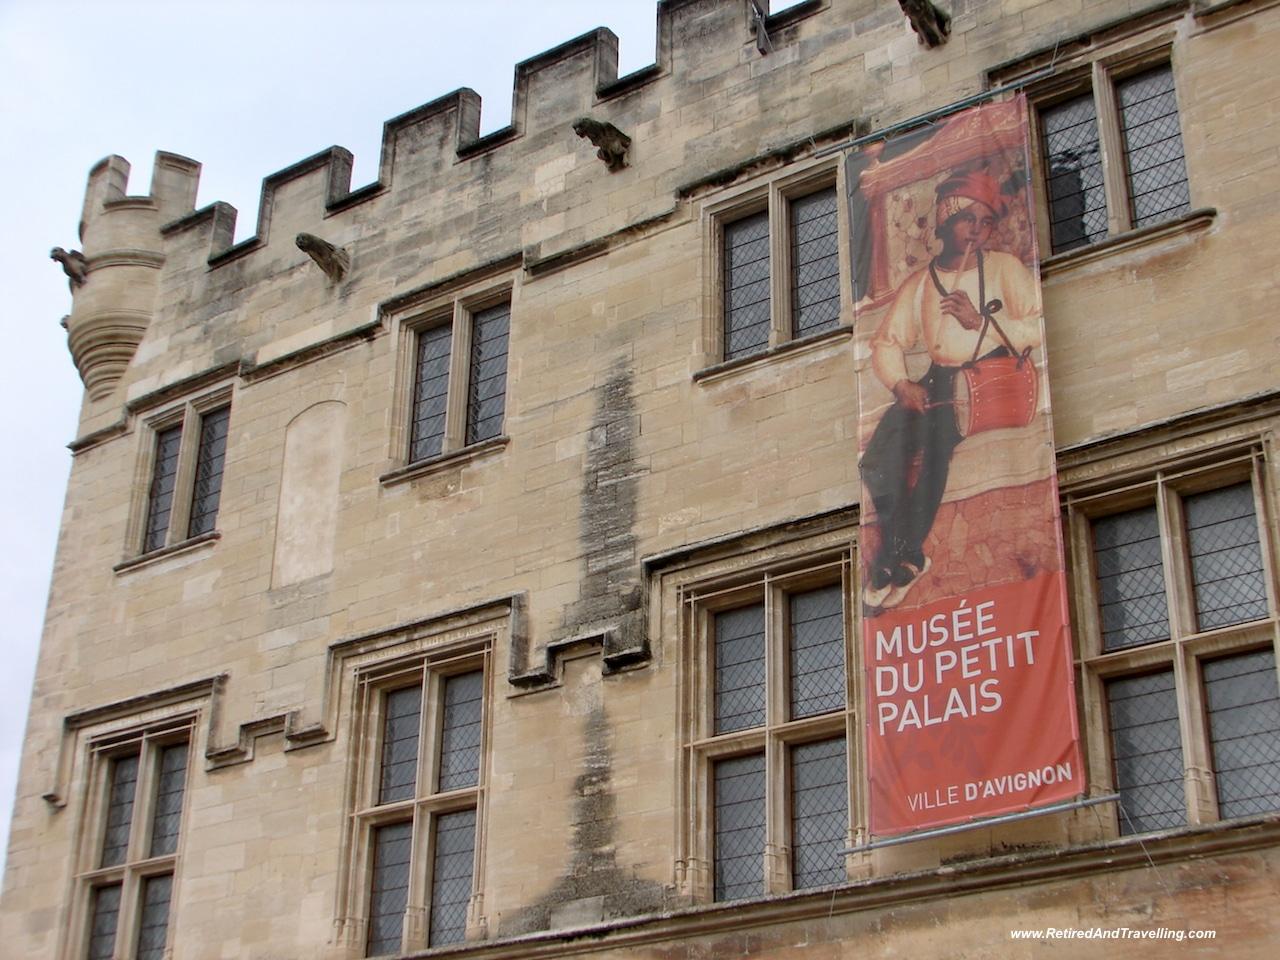 Musee du Petit Palais - Exploring Around Avignon.jpg